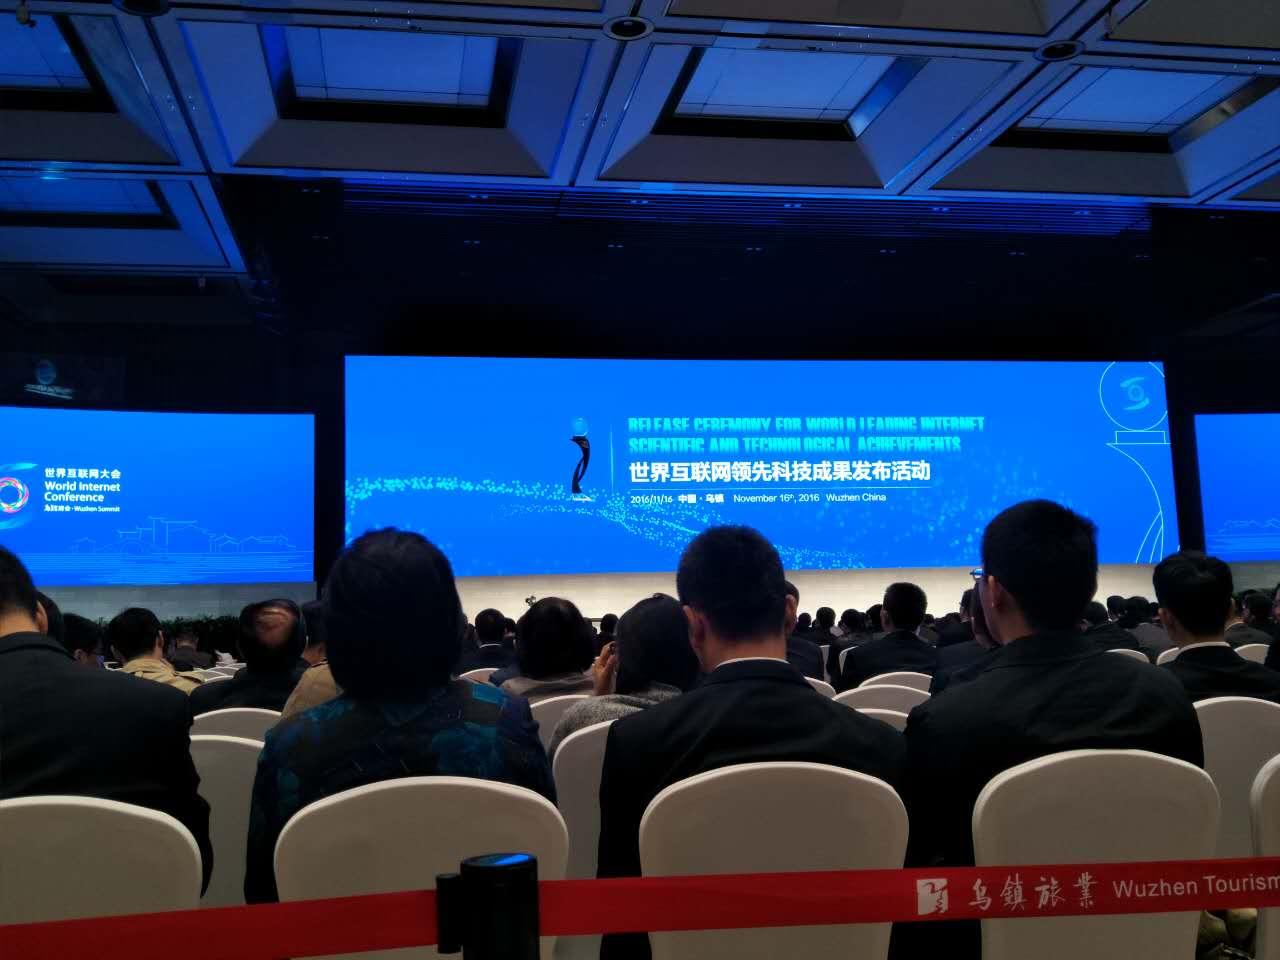 第三届世界互联网大会上展示的全球领先技术成果